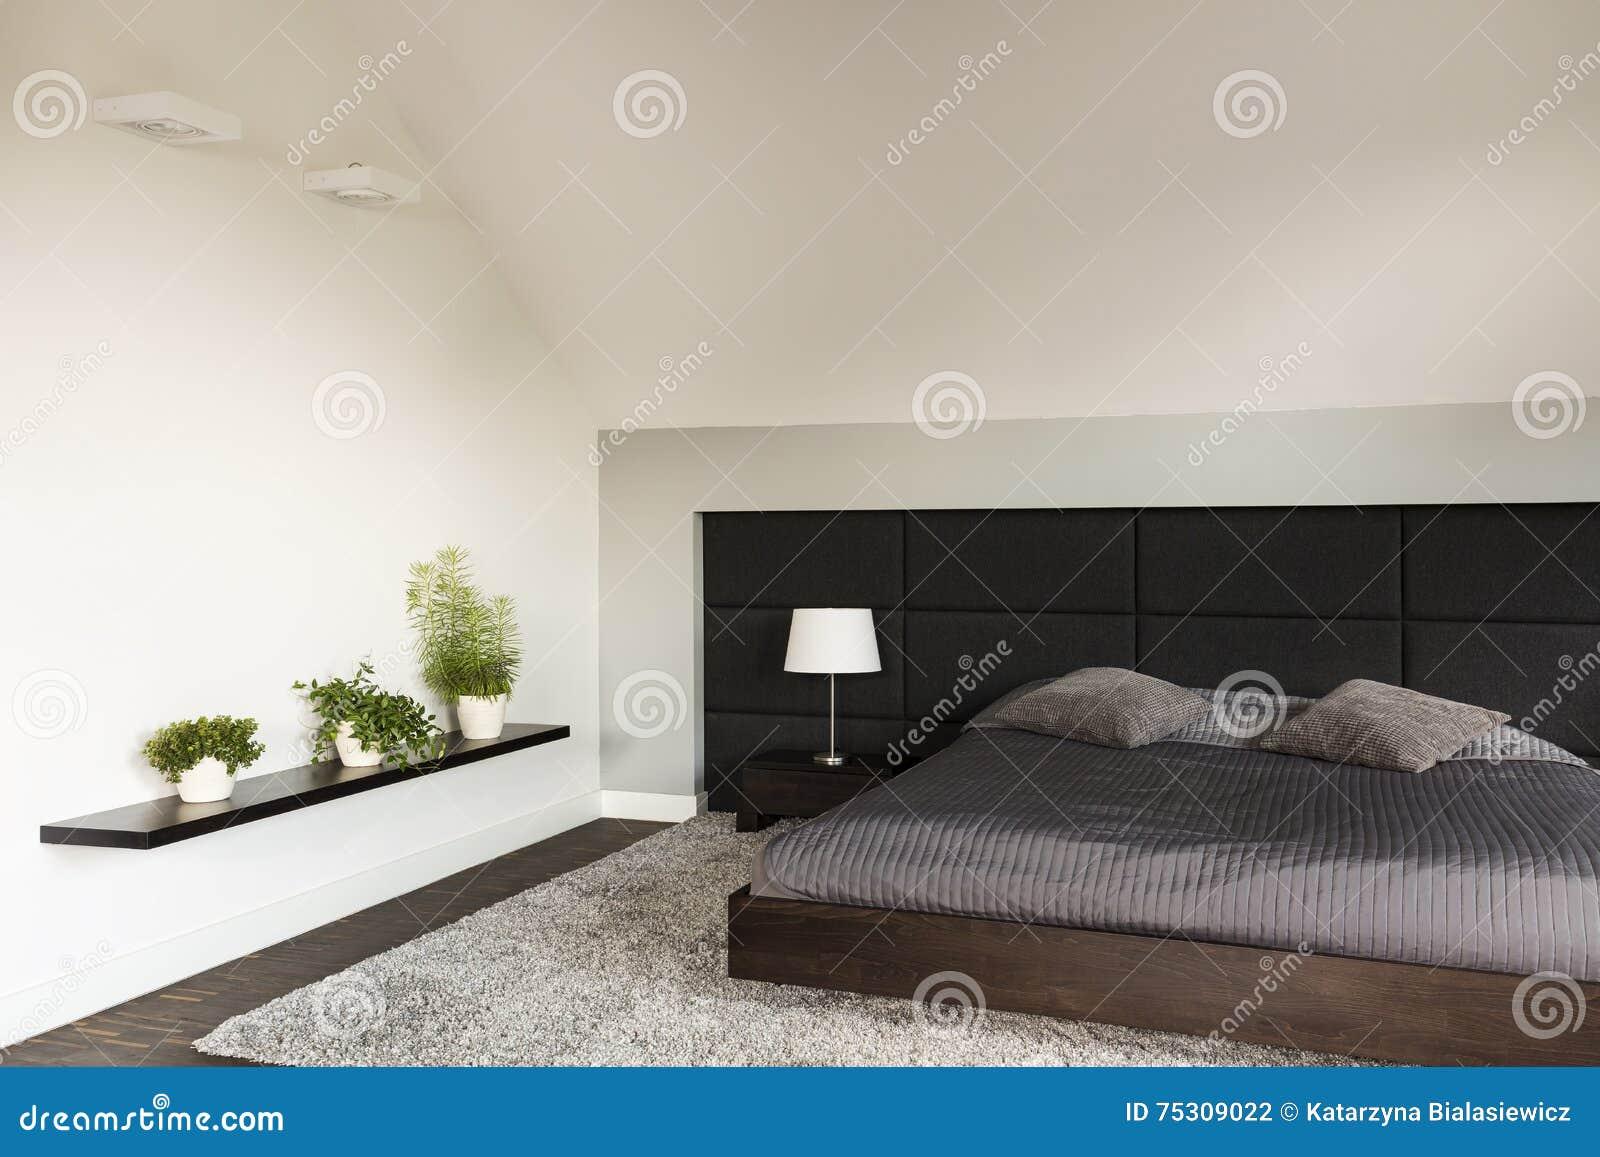 schlafzimmeridee der japanischen art stockfoto bild